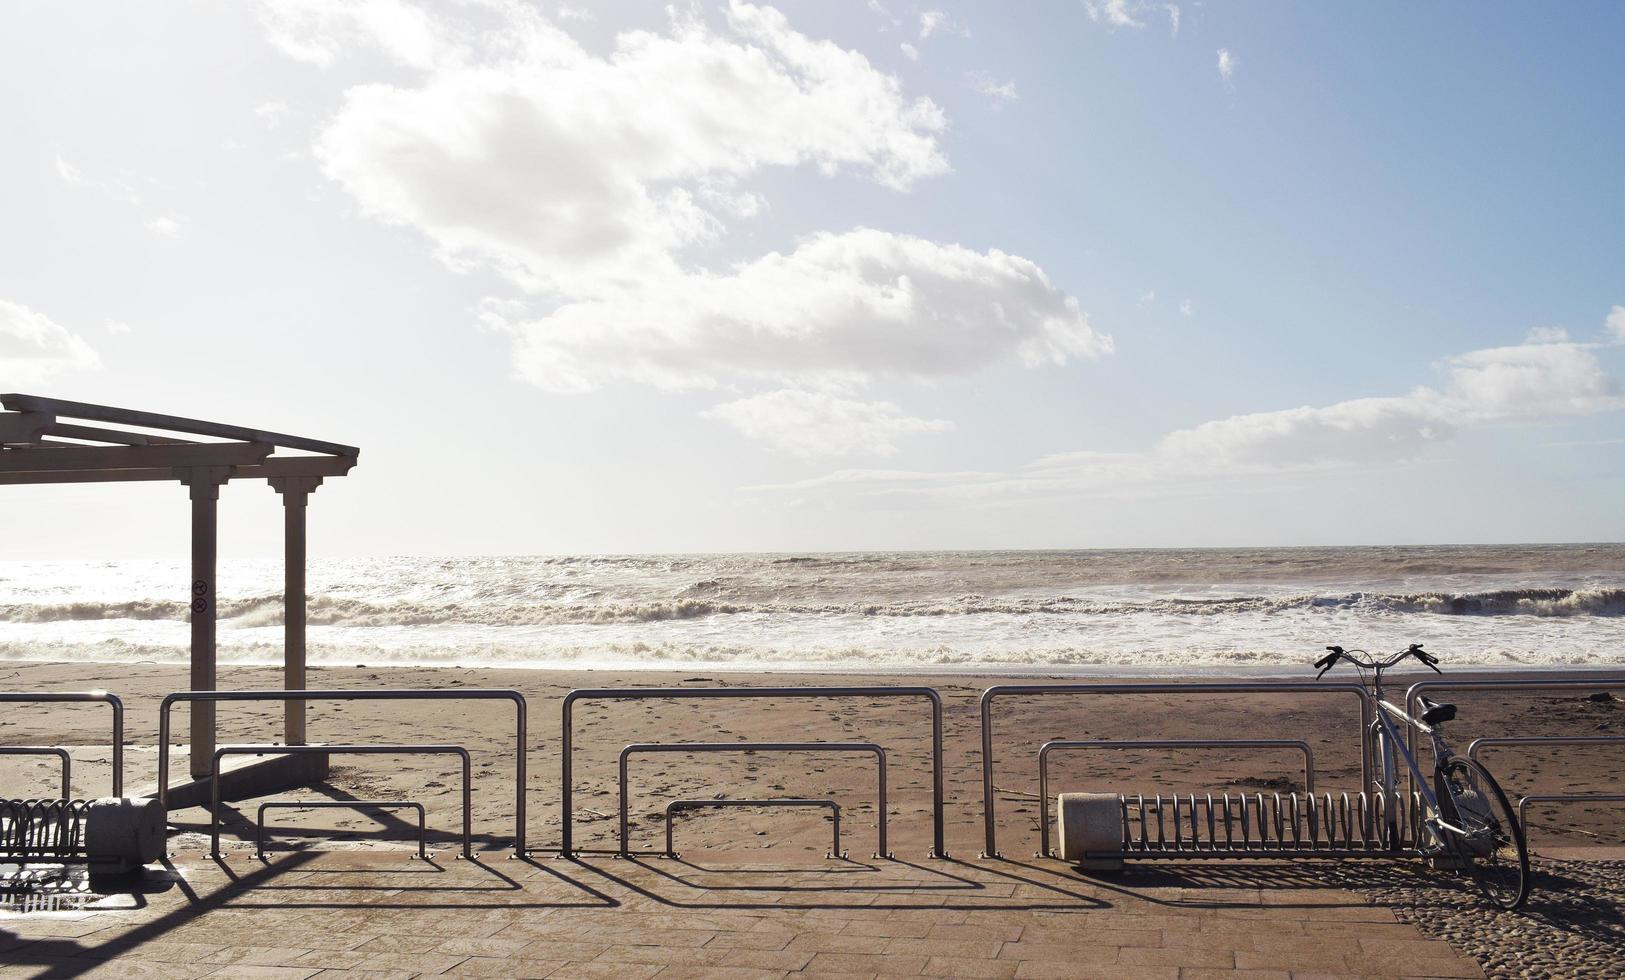 Clôture de vélo sur la plage pendant la journée photo